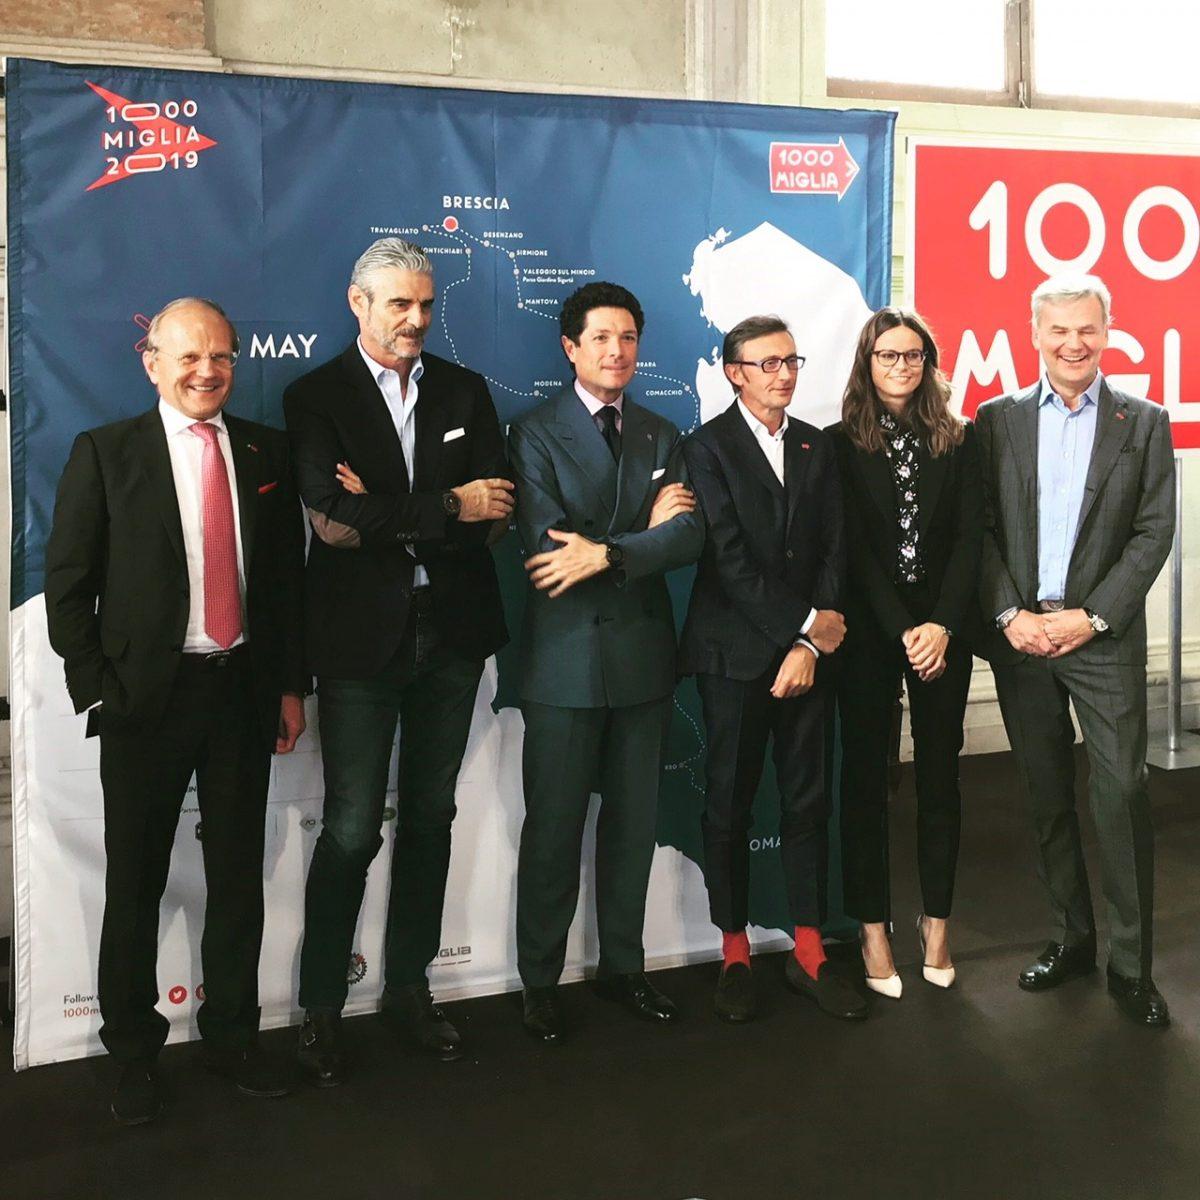 Mille Miglia, presentata l'edizone 2019 tra conferme e novità